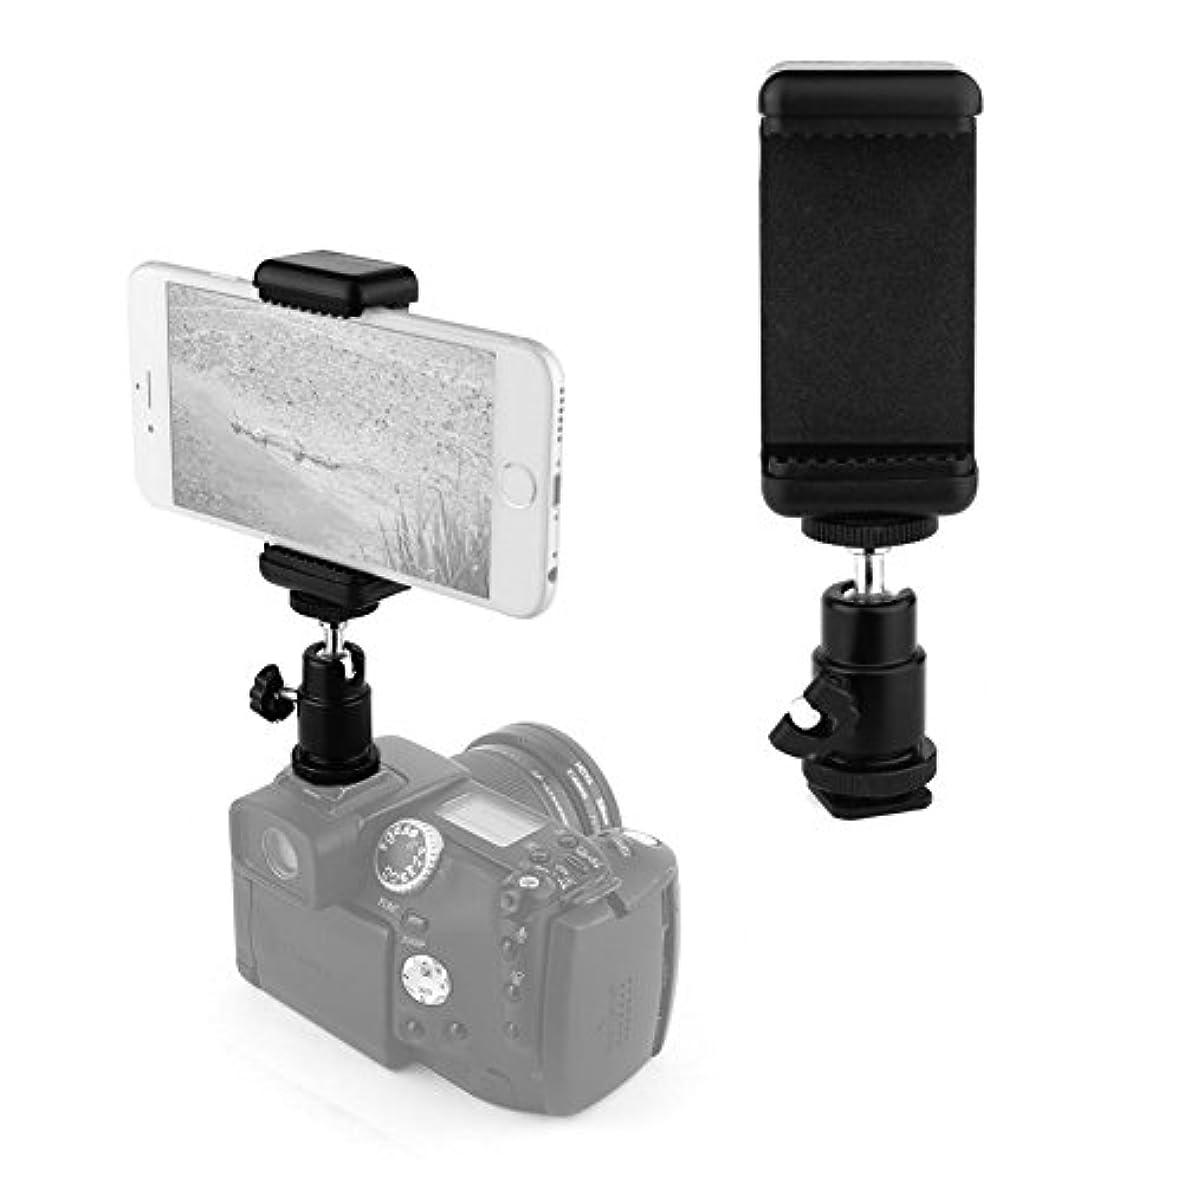 ライセンスペッカディロ何よりも【Taisioner】カメラシューマウント+スマホホルダーセット (カメラシューマウント+スマホホルダー) 自由雲台 カメラ雲台 360°回転可能